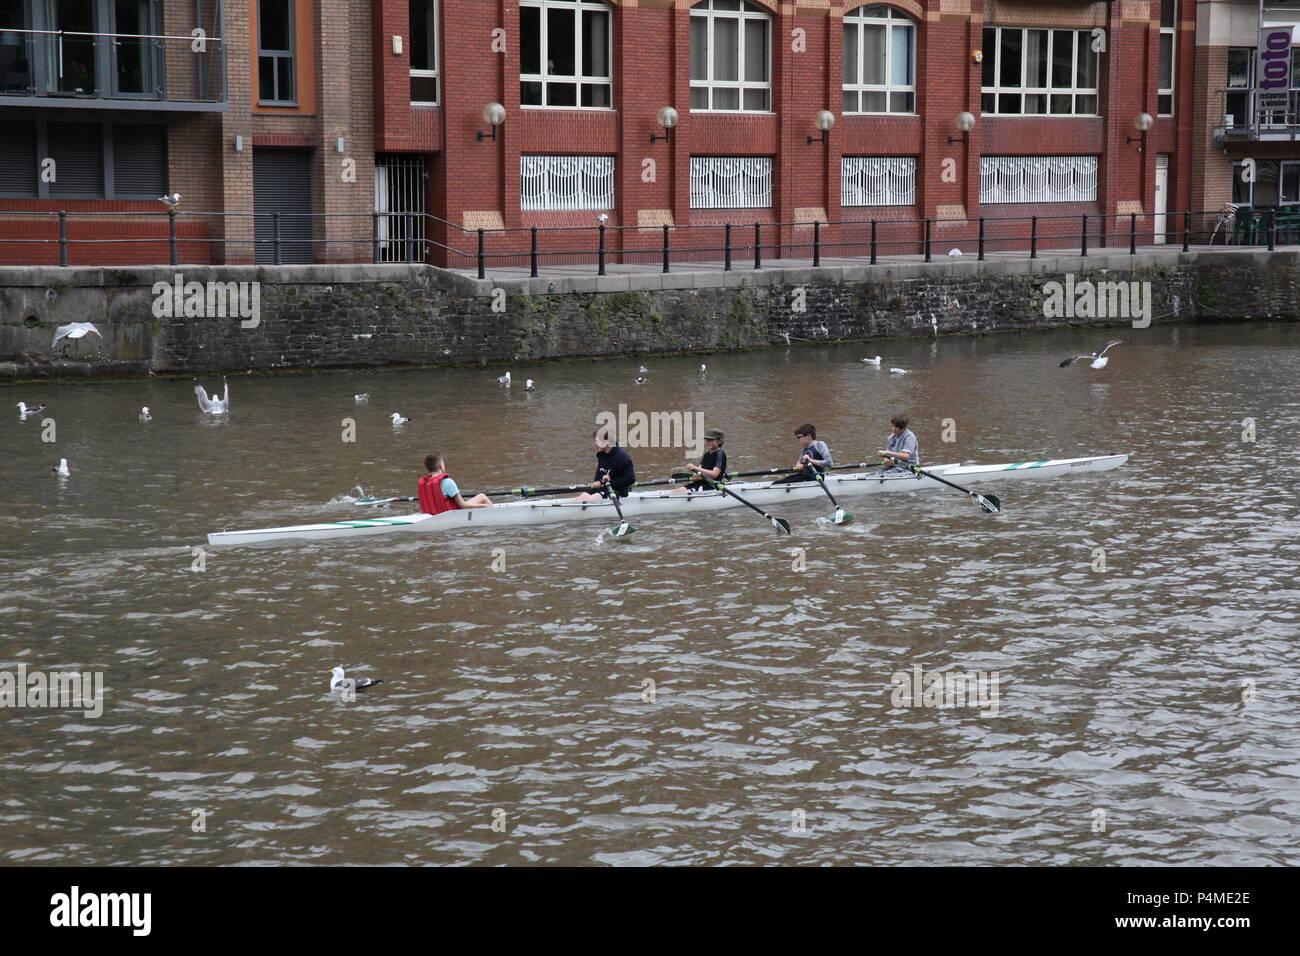 Los niños remo en el río Avon, Bristol, Inglaterra. Imagen De Stock